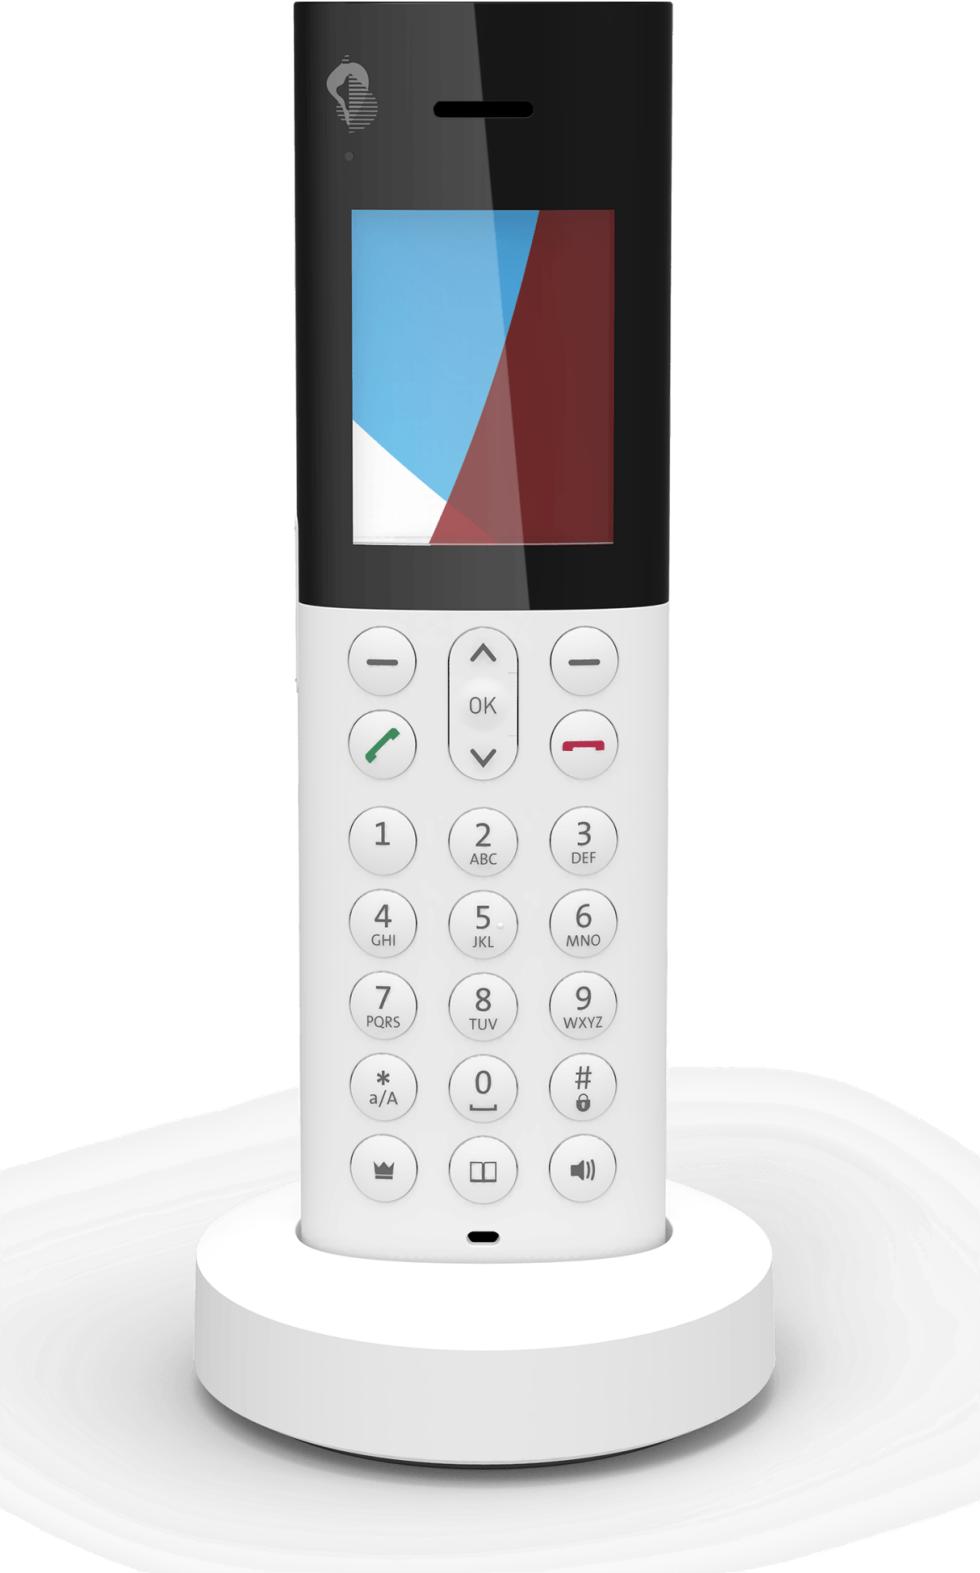 Swisscom HD-Phone Zermatt (Festnetztelefon) - Firmware Aktualisierung